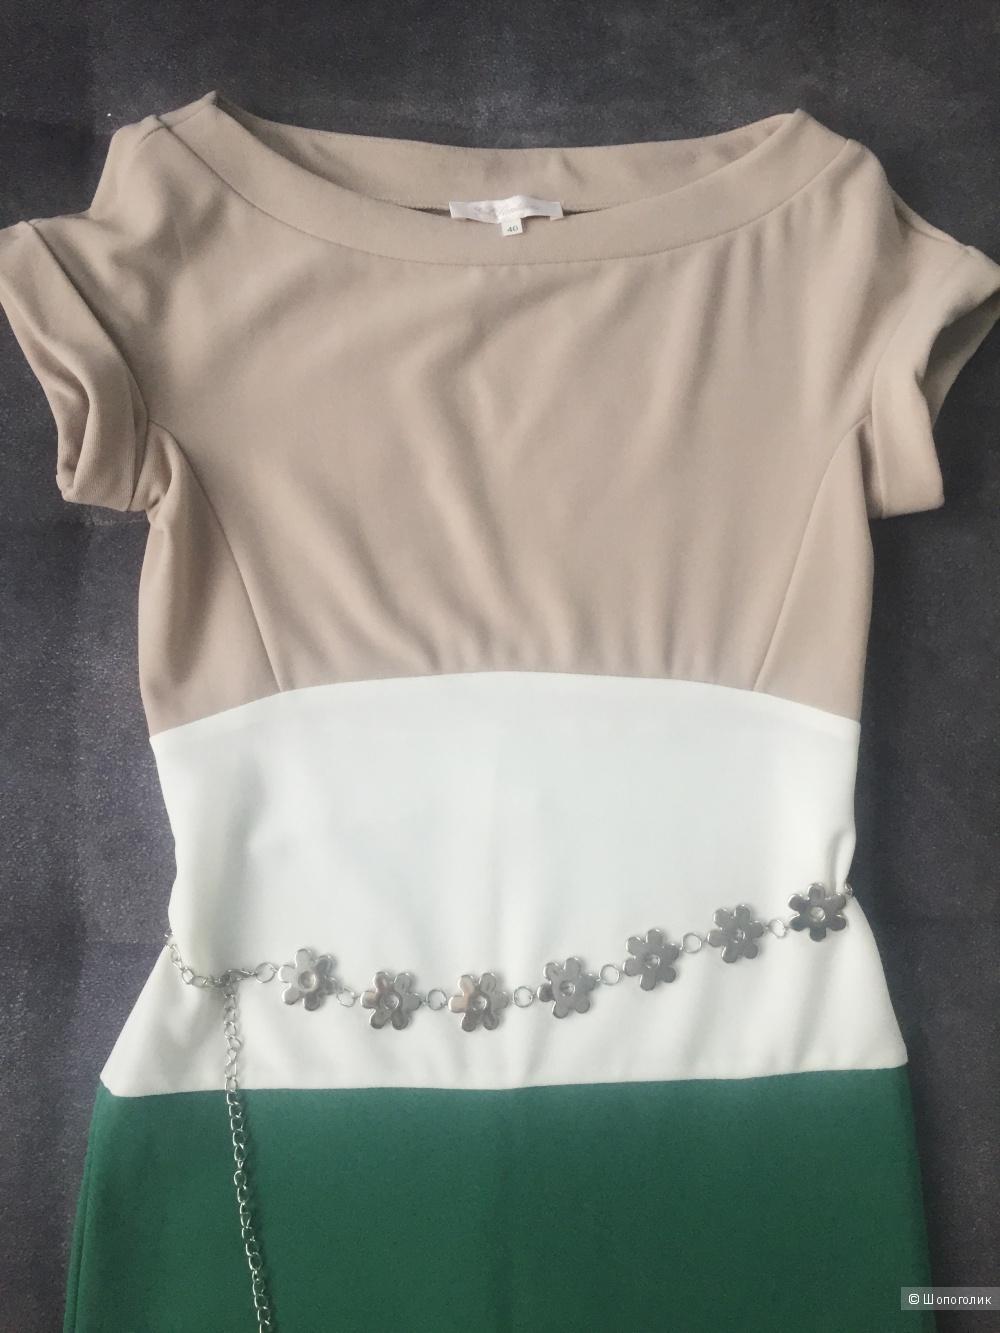 Итальянское платье Gil Santucci, 40-42 размер